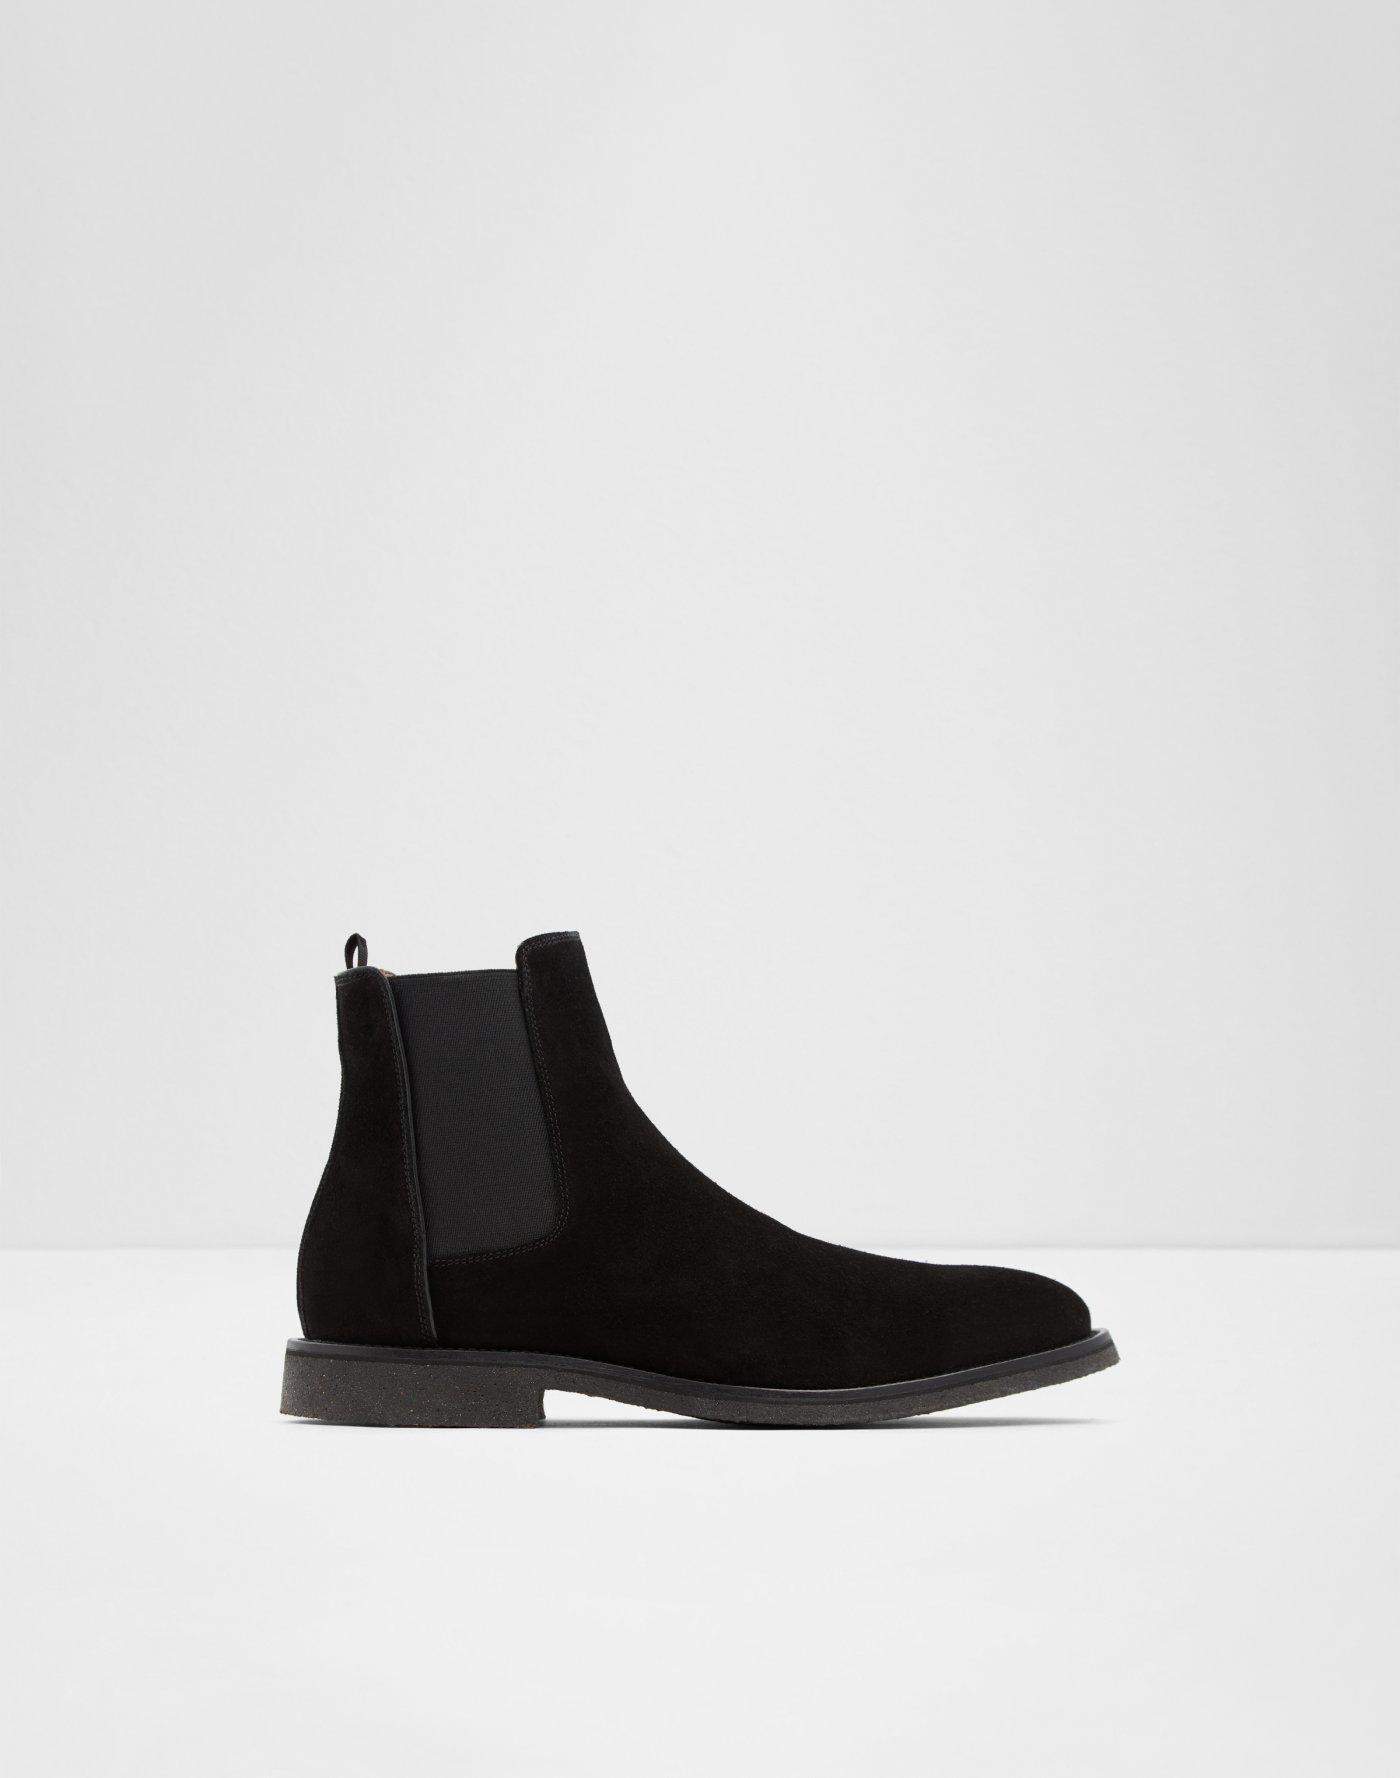 Shoes for Men | All Men's shoes | ALDO US